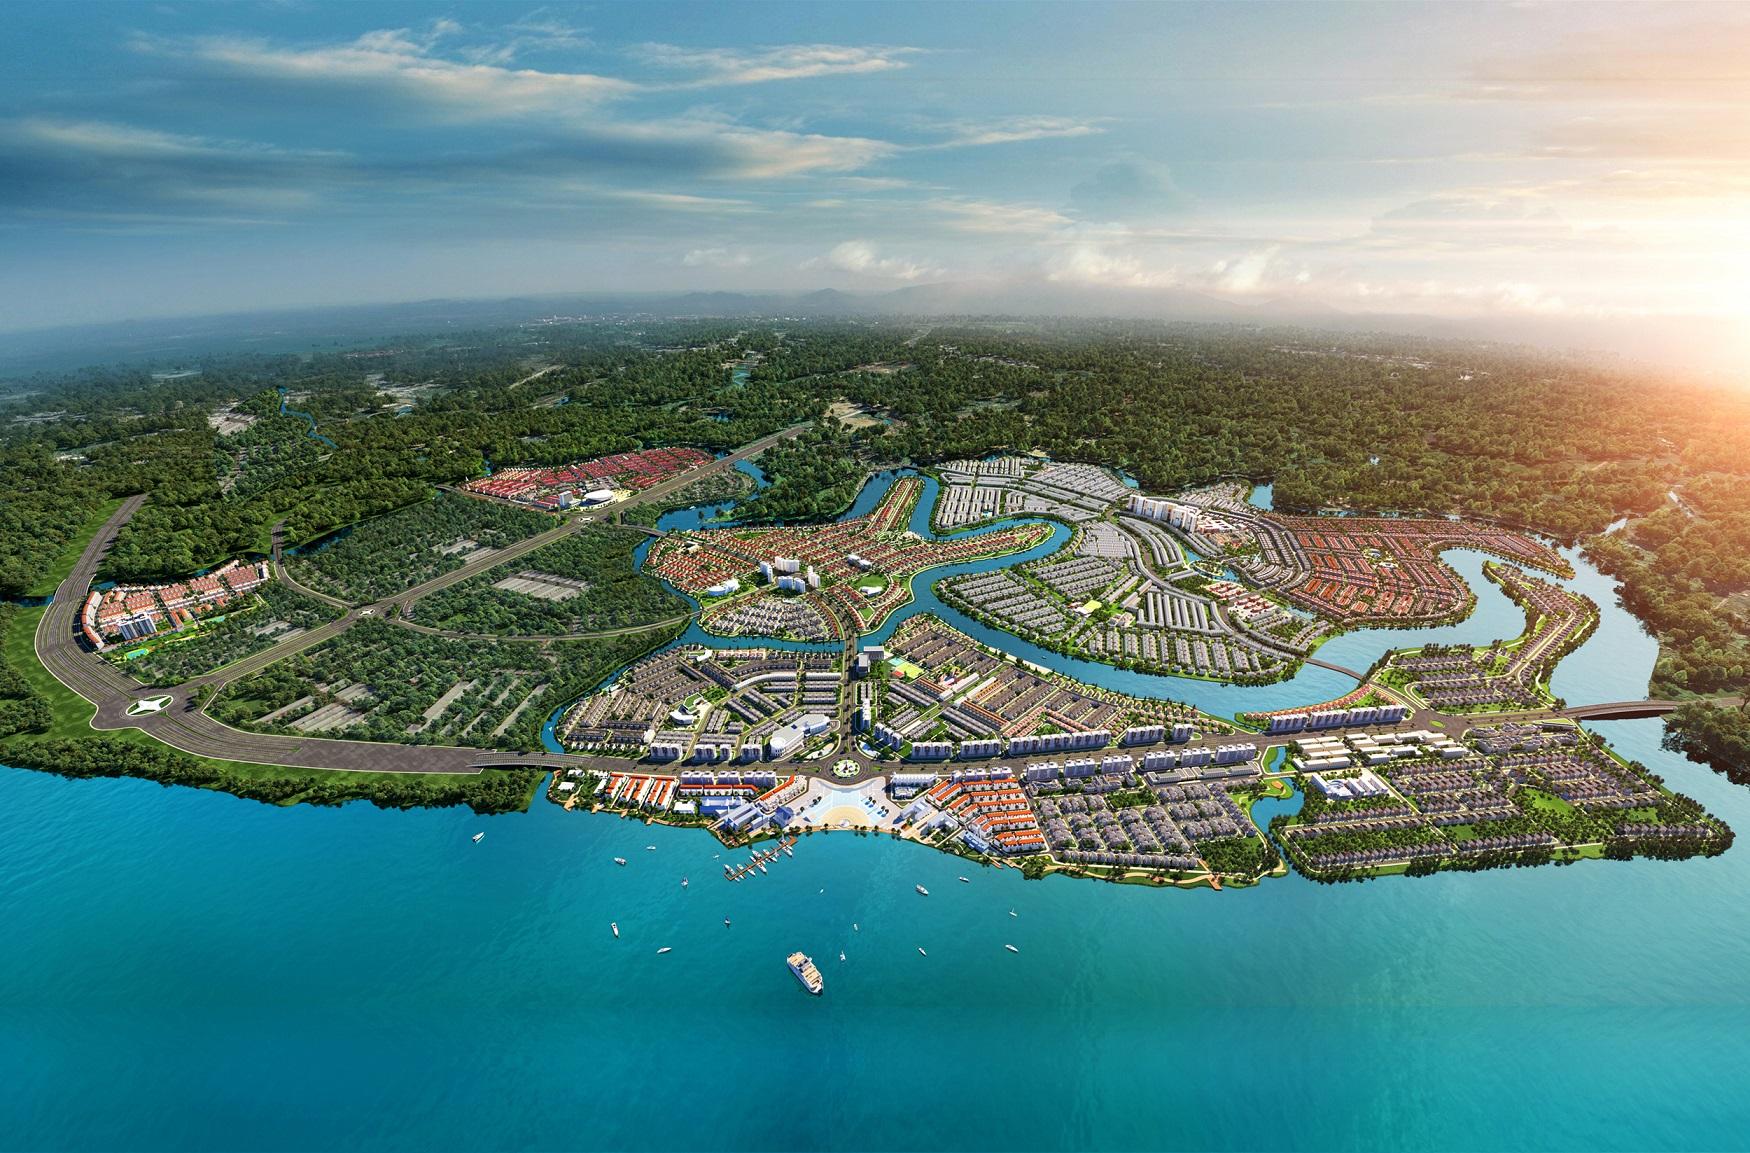 Phối cảnh Aqua City với 70% diện tích cho mảng xanh, hạ tầng giao thông và tiện ích nội khu hoàn chỉnh.